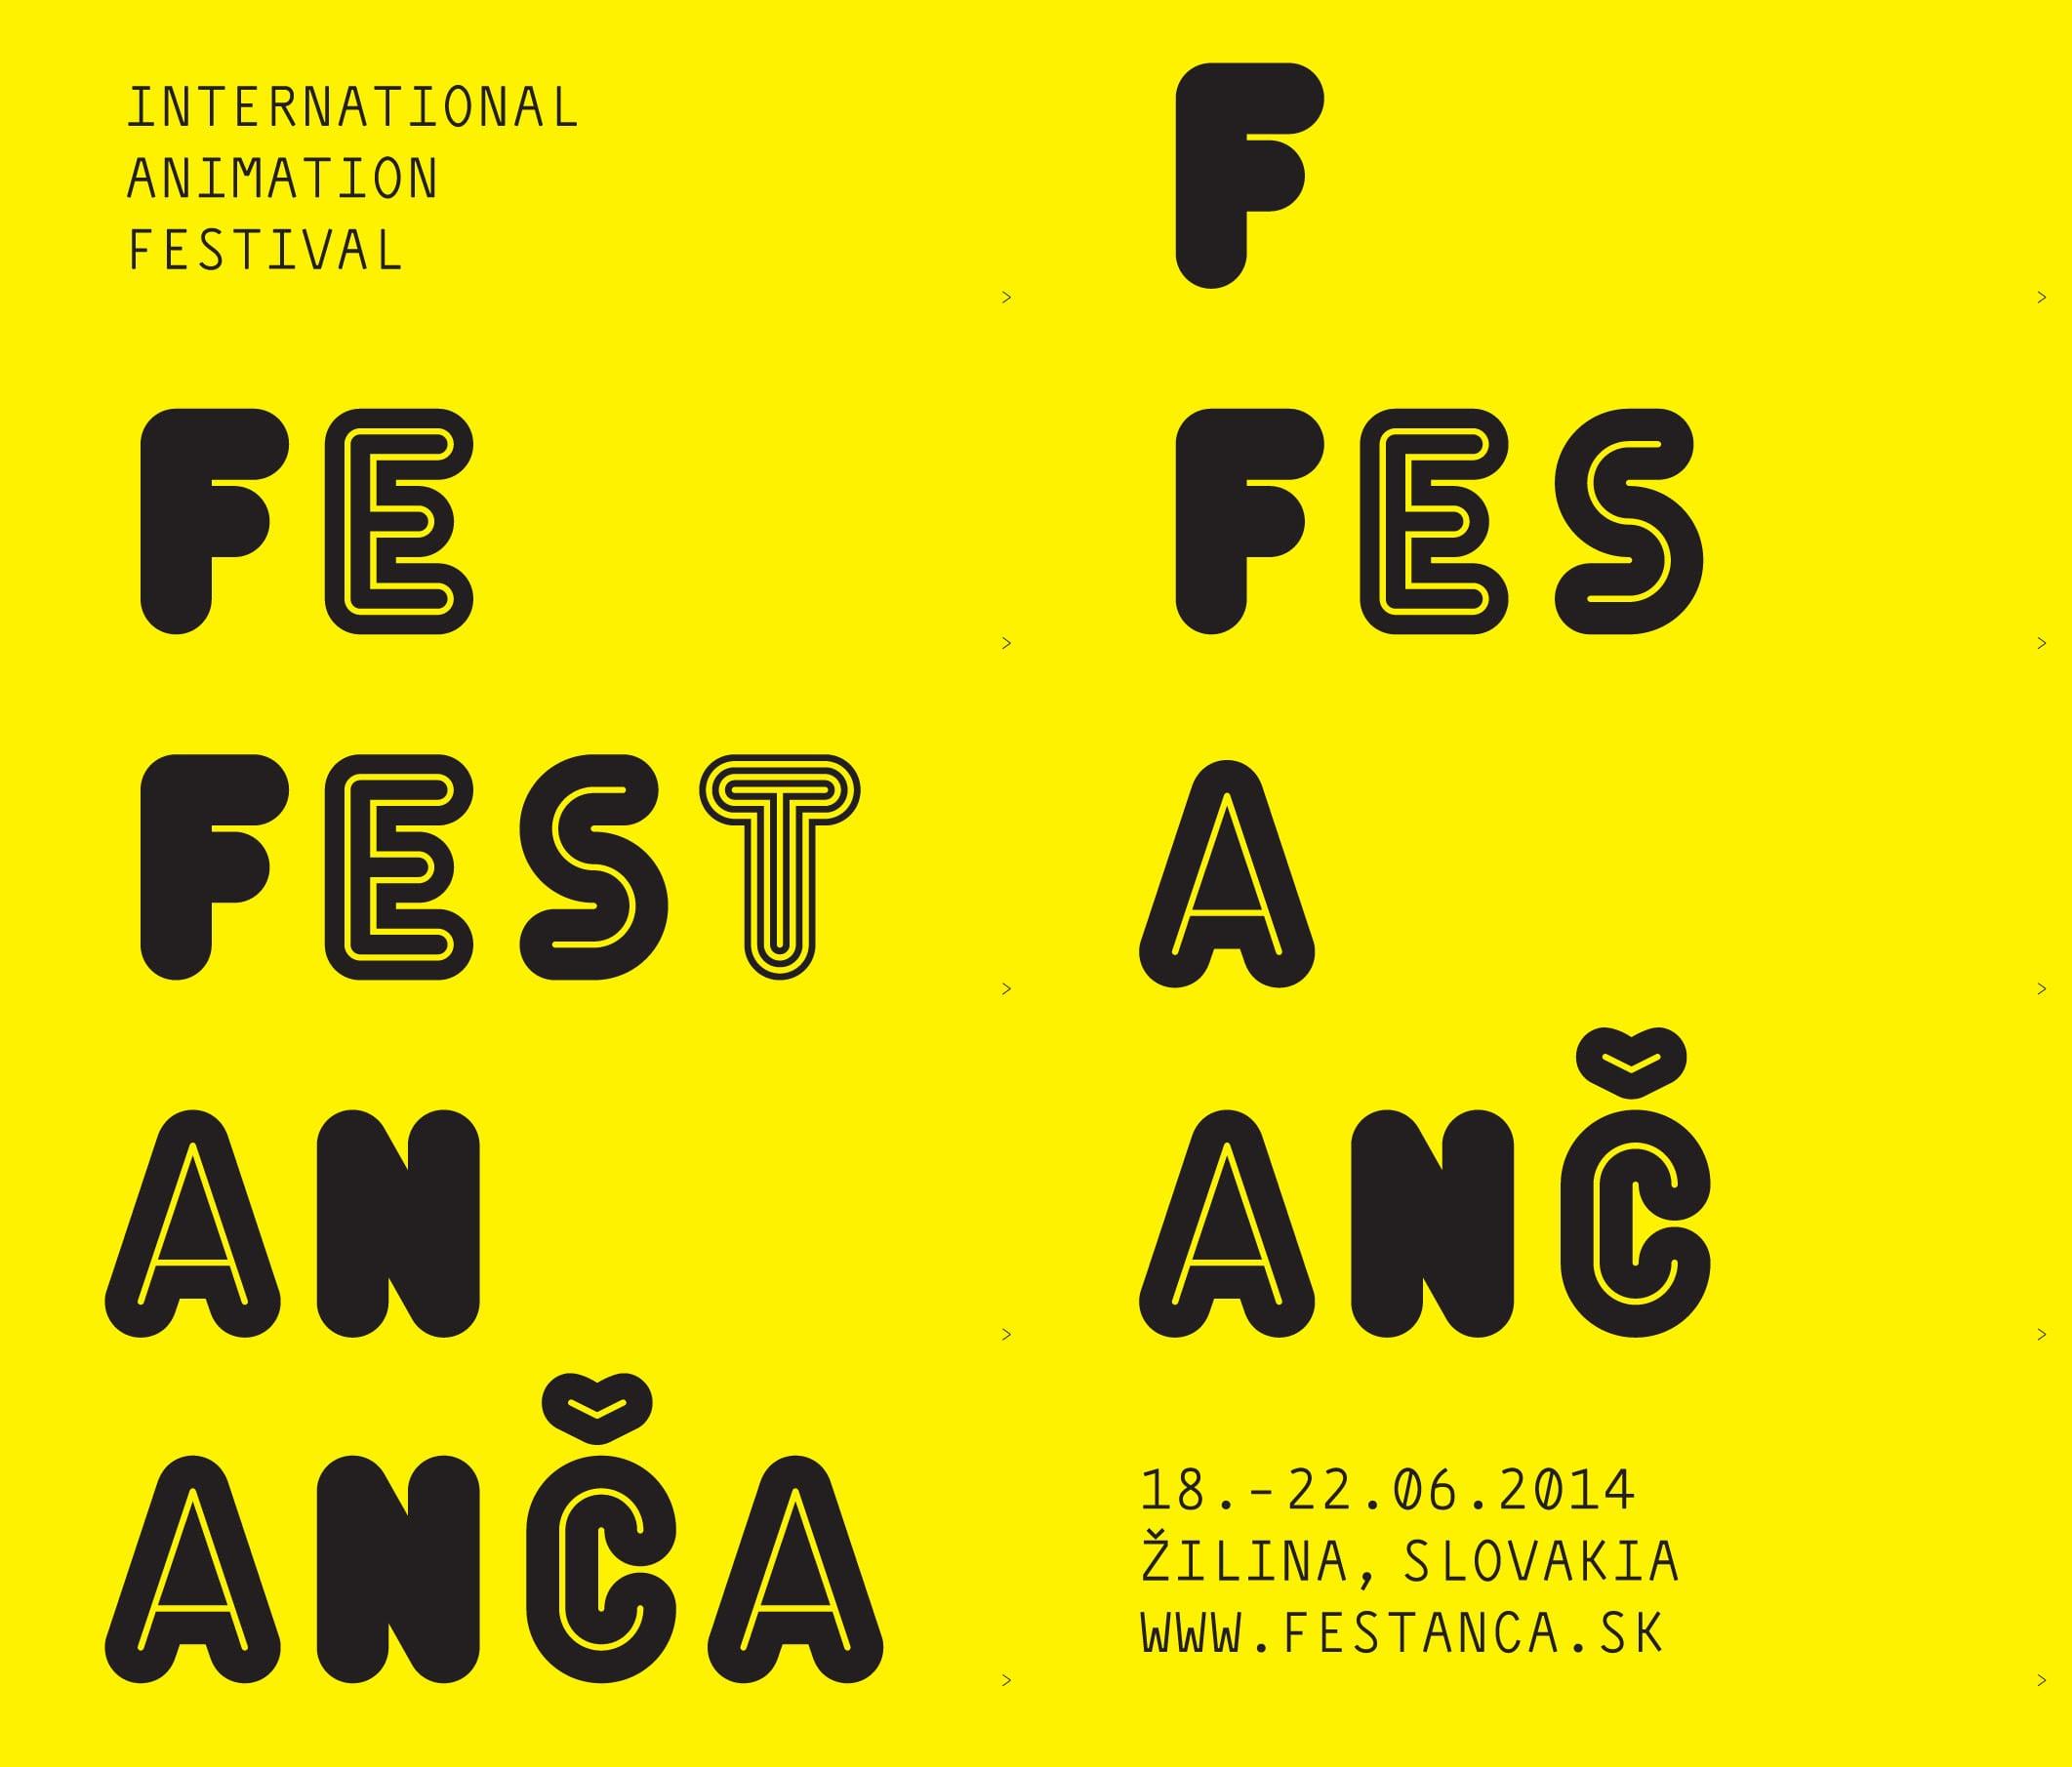 Fest Anca - Poďte osláviť animovaný film